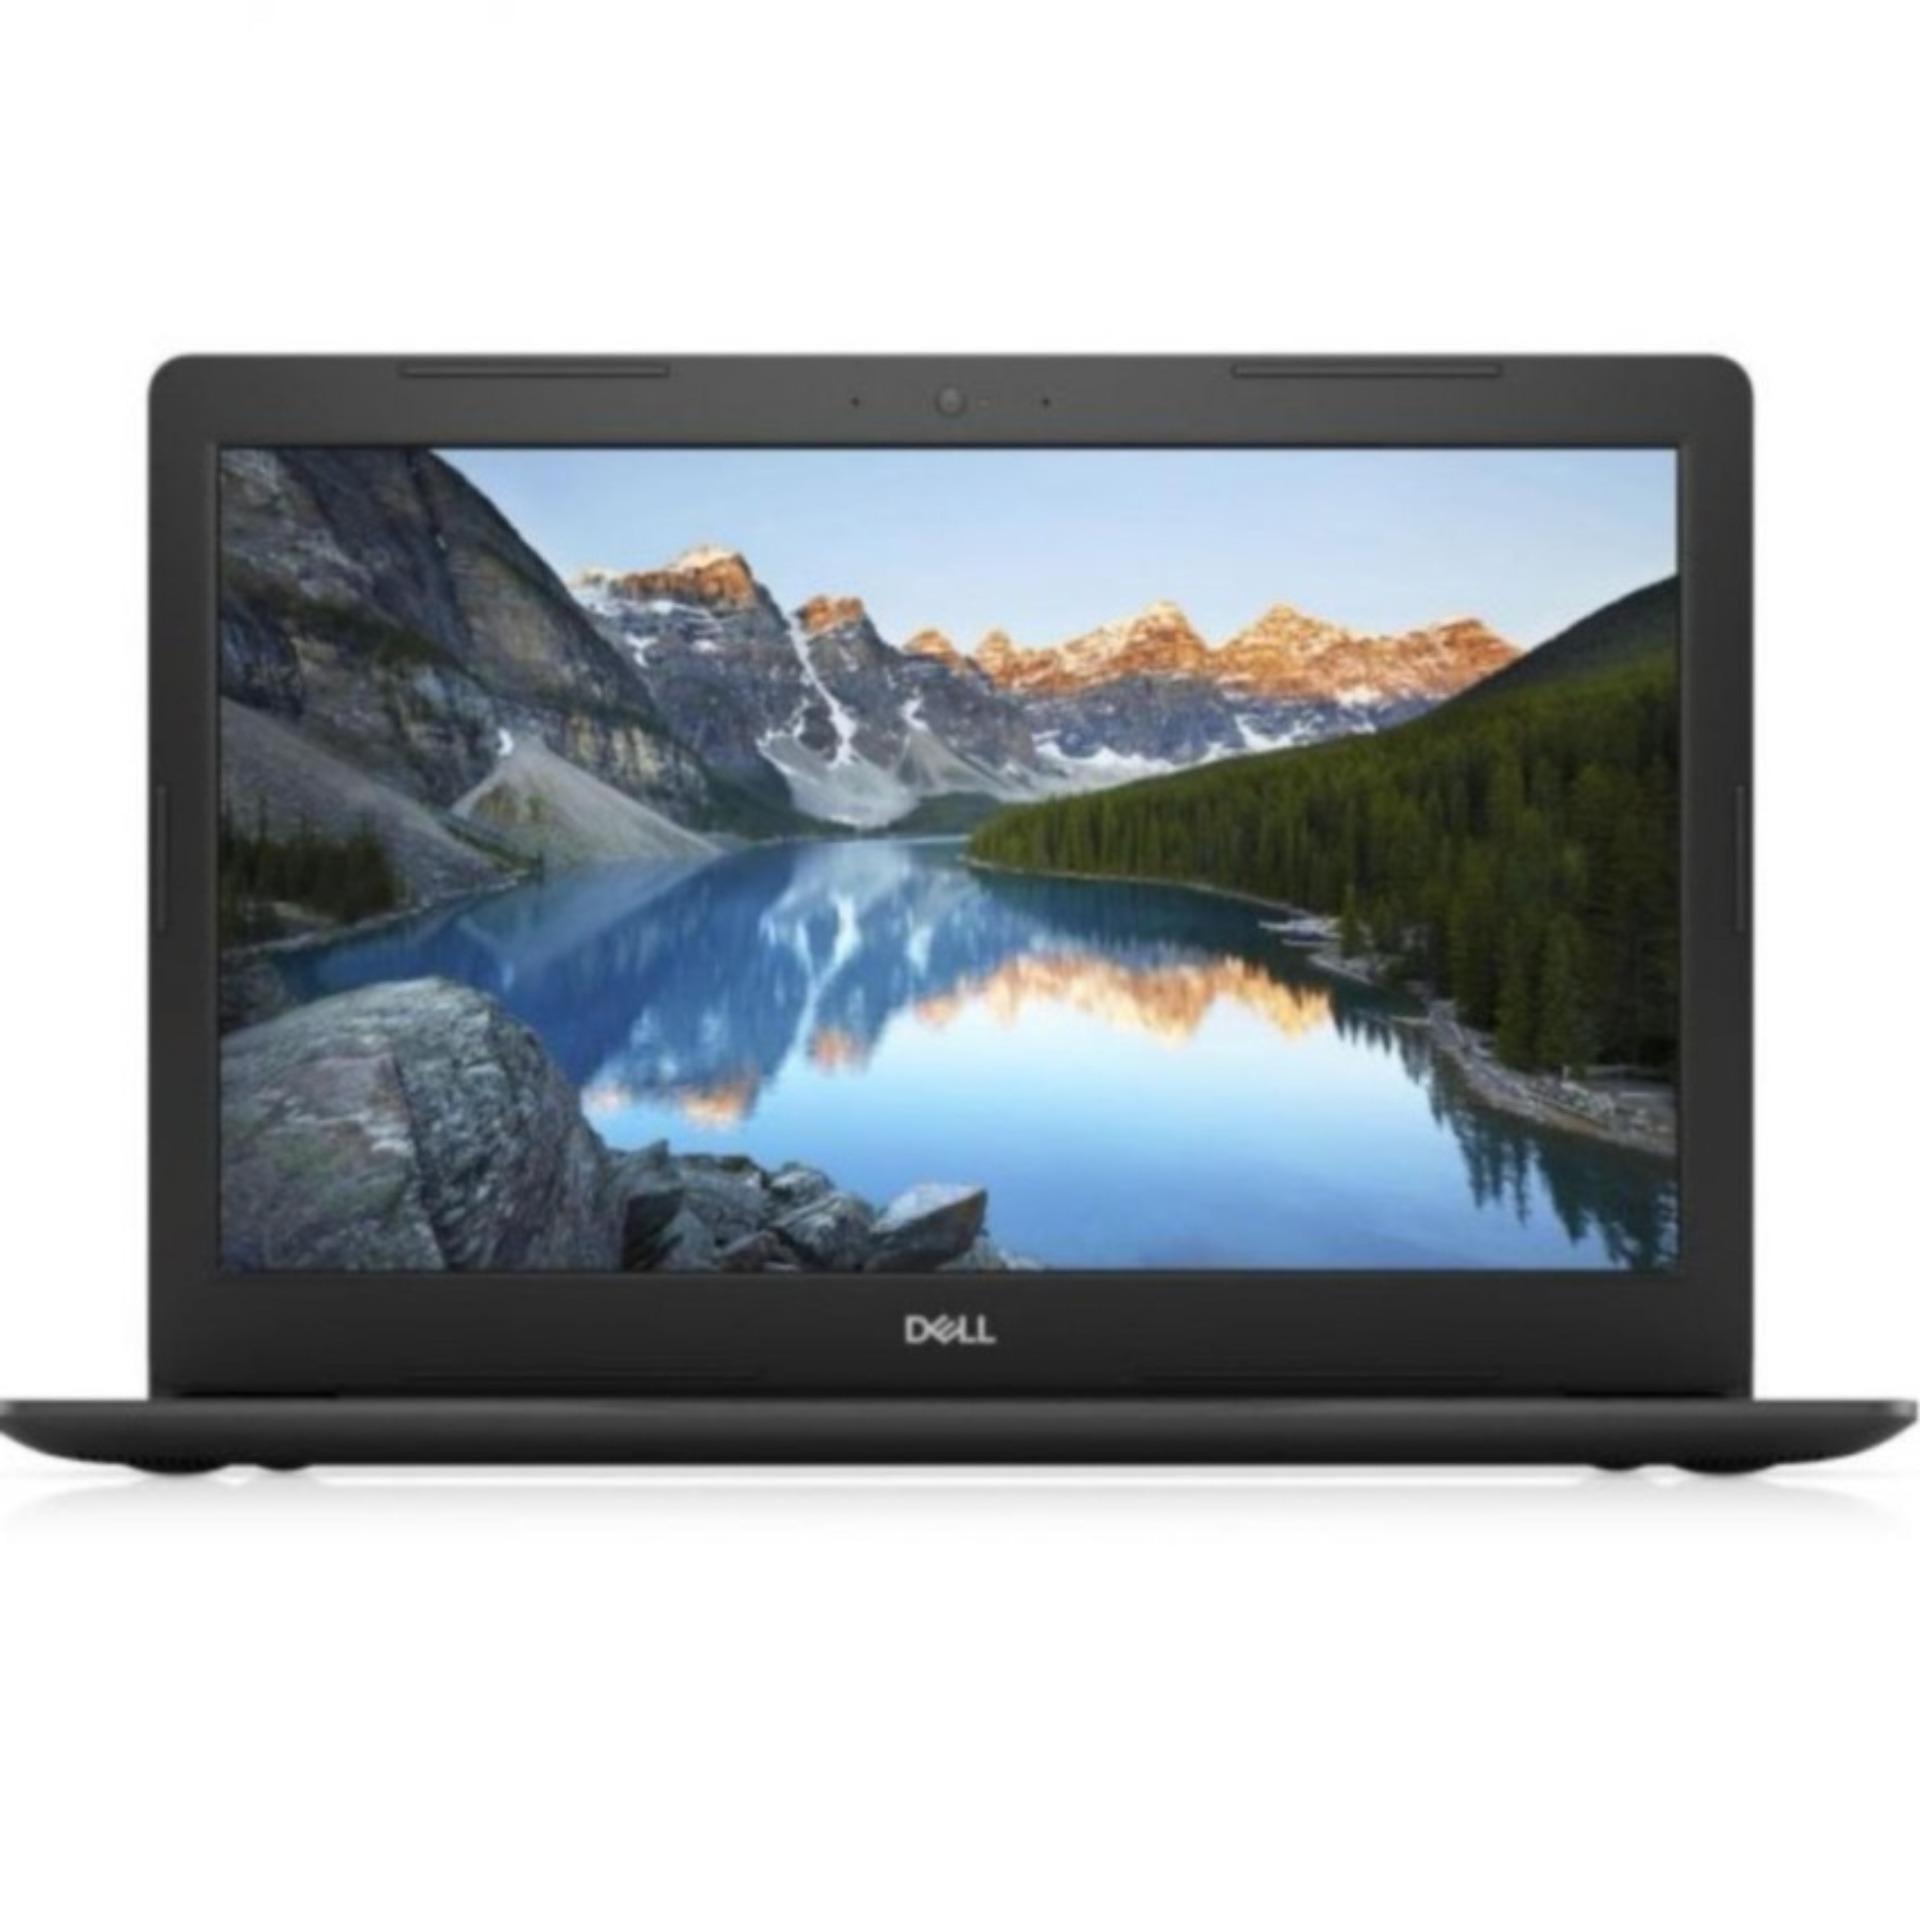 DELL 5570-855814G W10 BLK 15.6 IN INTEL CORE I7-8550U 8GB 128GB SSD + 1TB HDD WIN 10